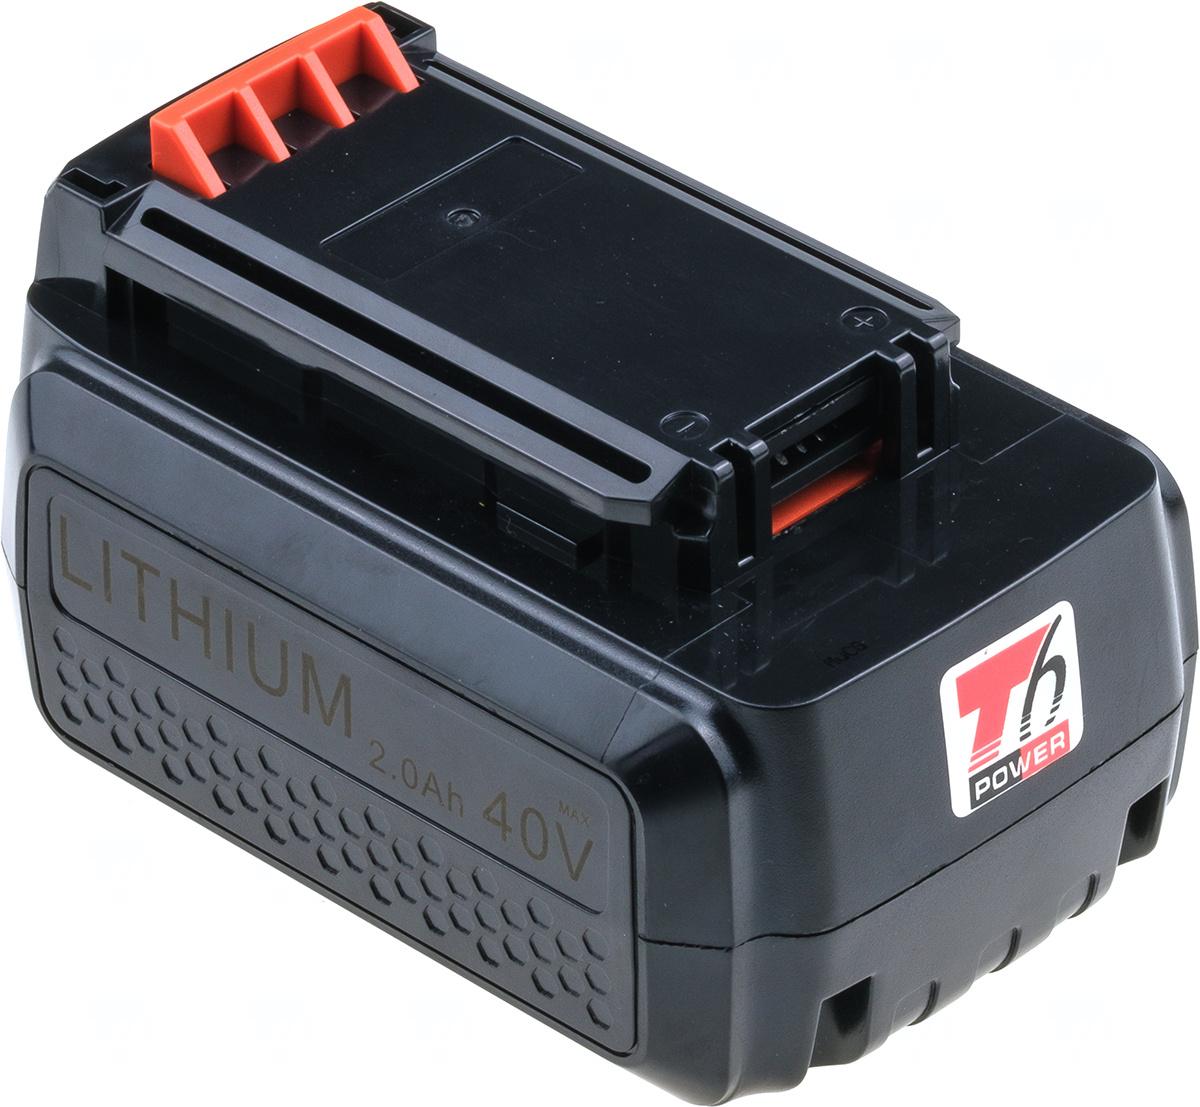 Baterie T6 power LB20, LBXR20, LBX20, LBXR2020